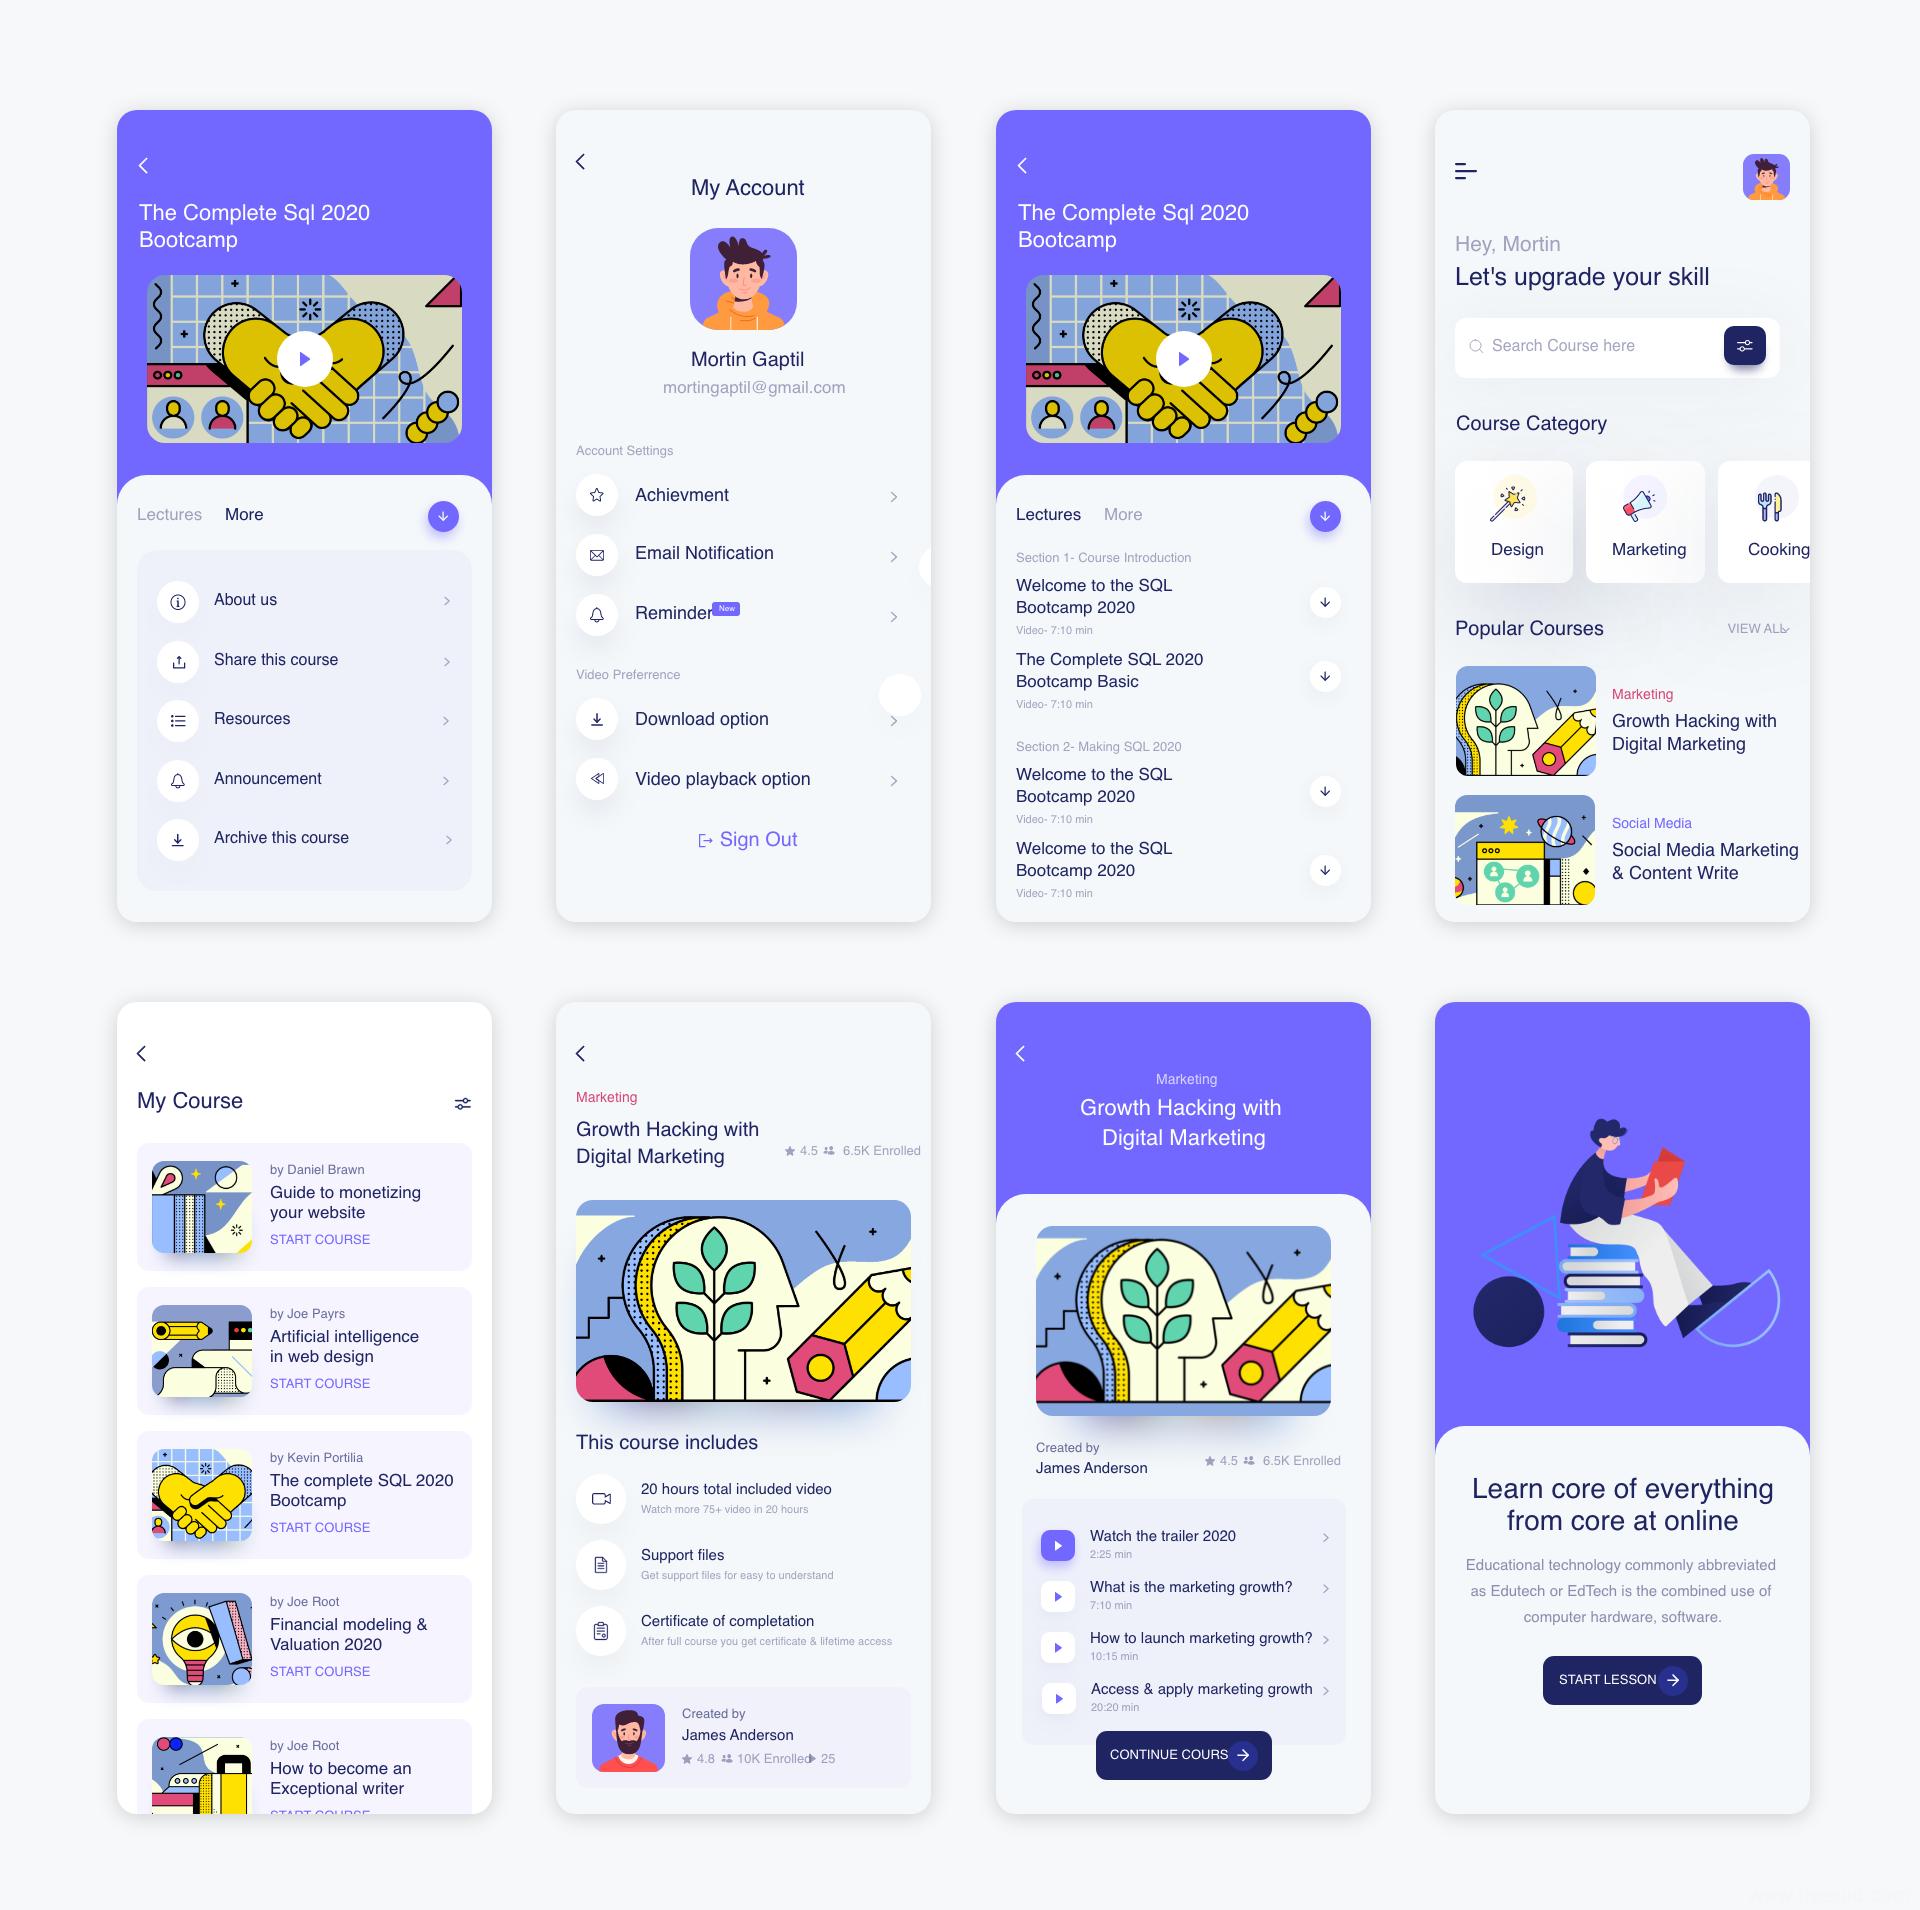 K12在线教育app UI源文件下载,教育UI资源下载,线上教育UI素材xd源文件